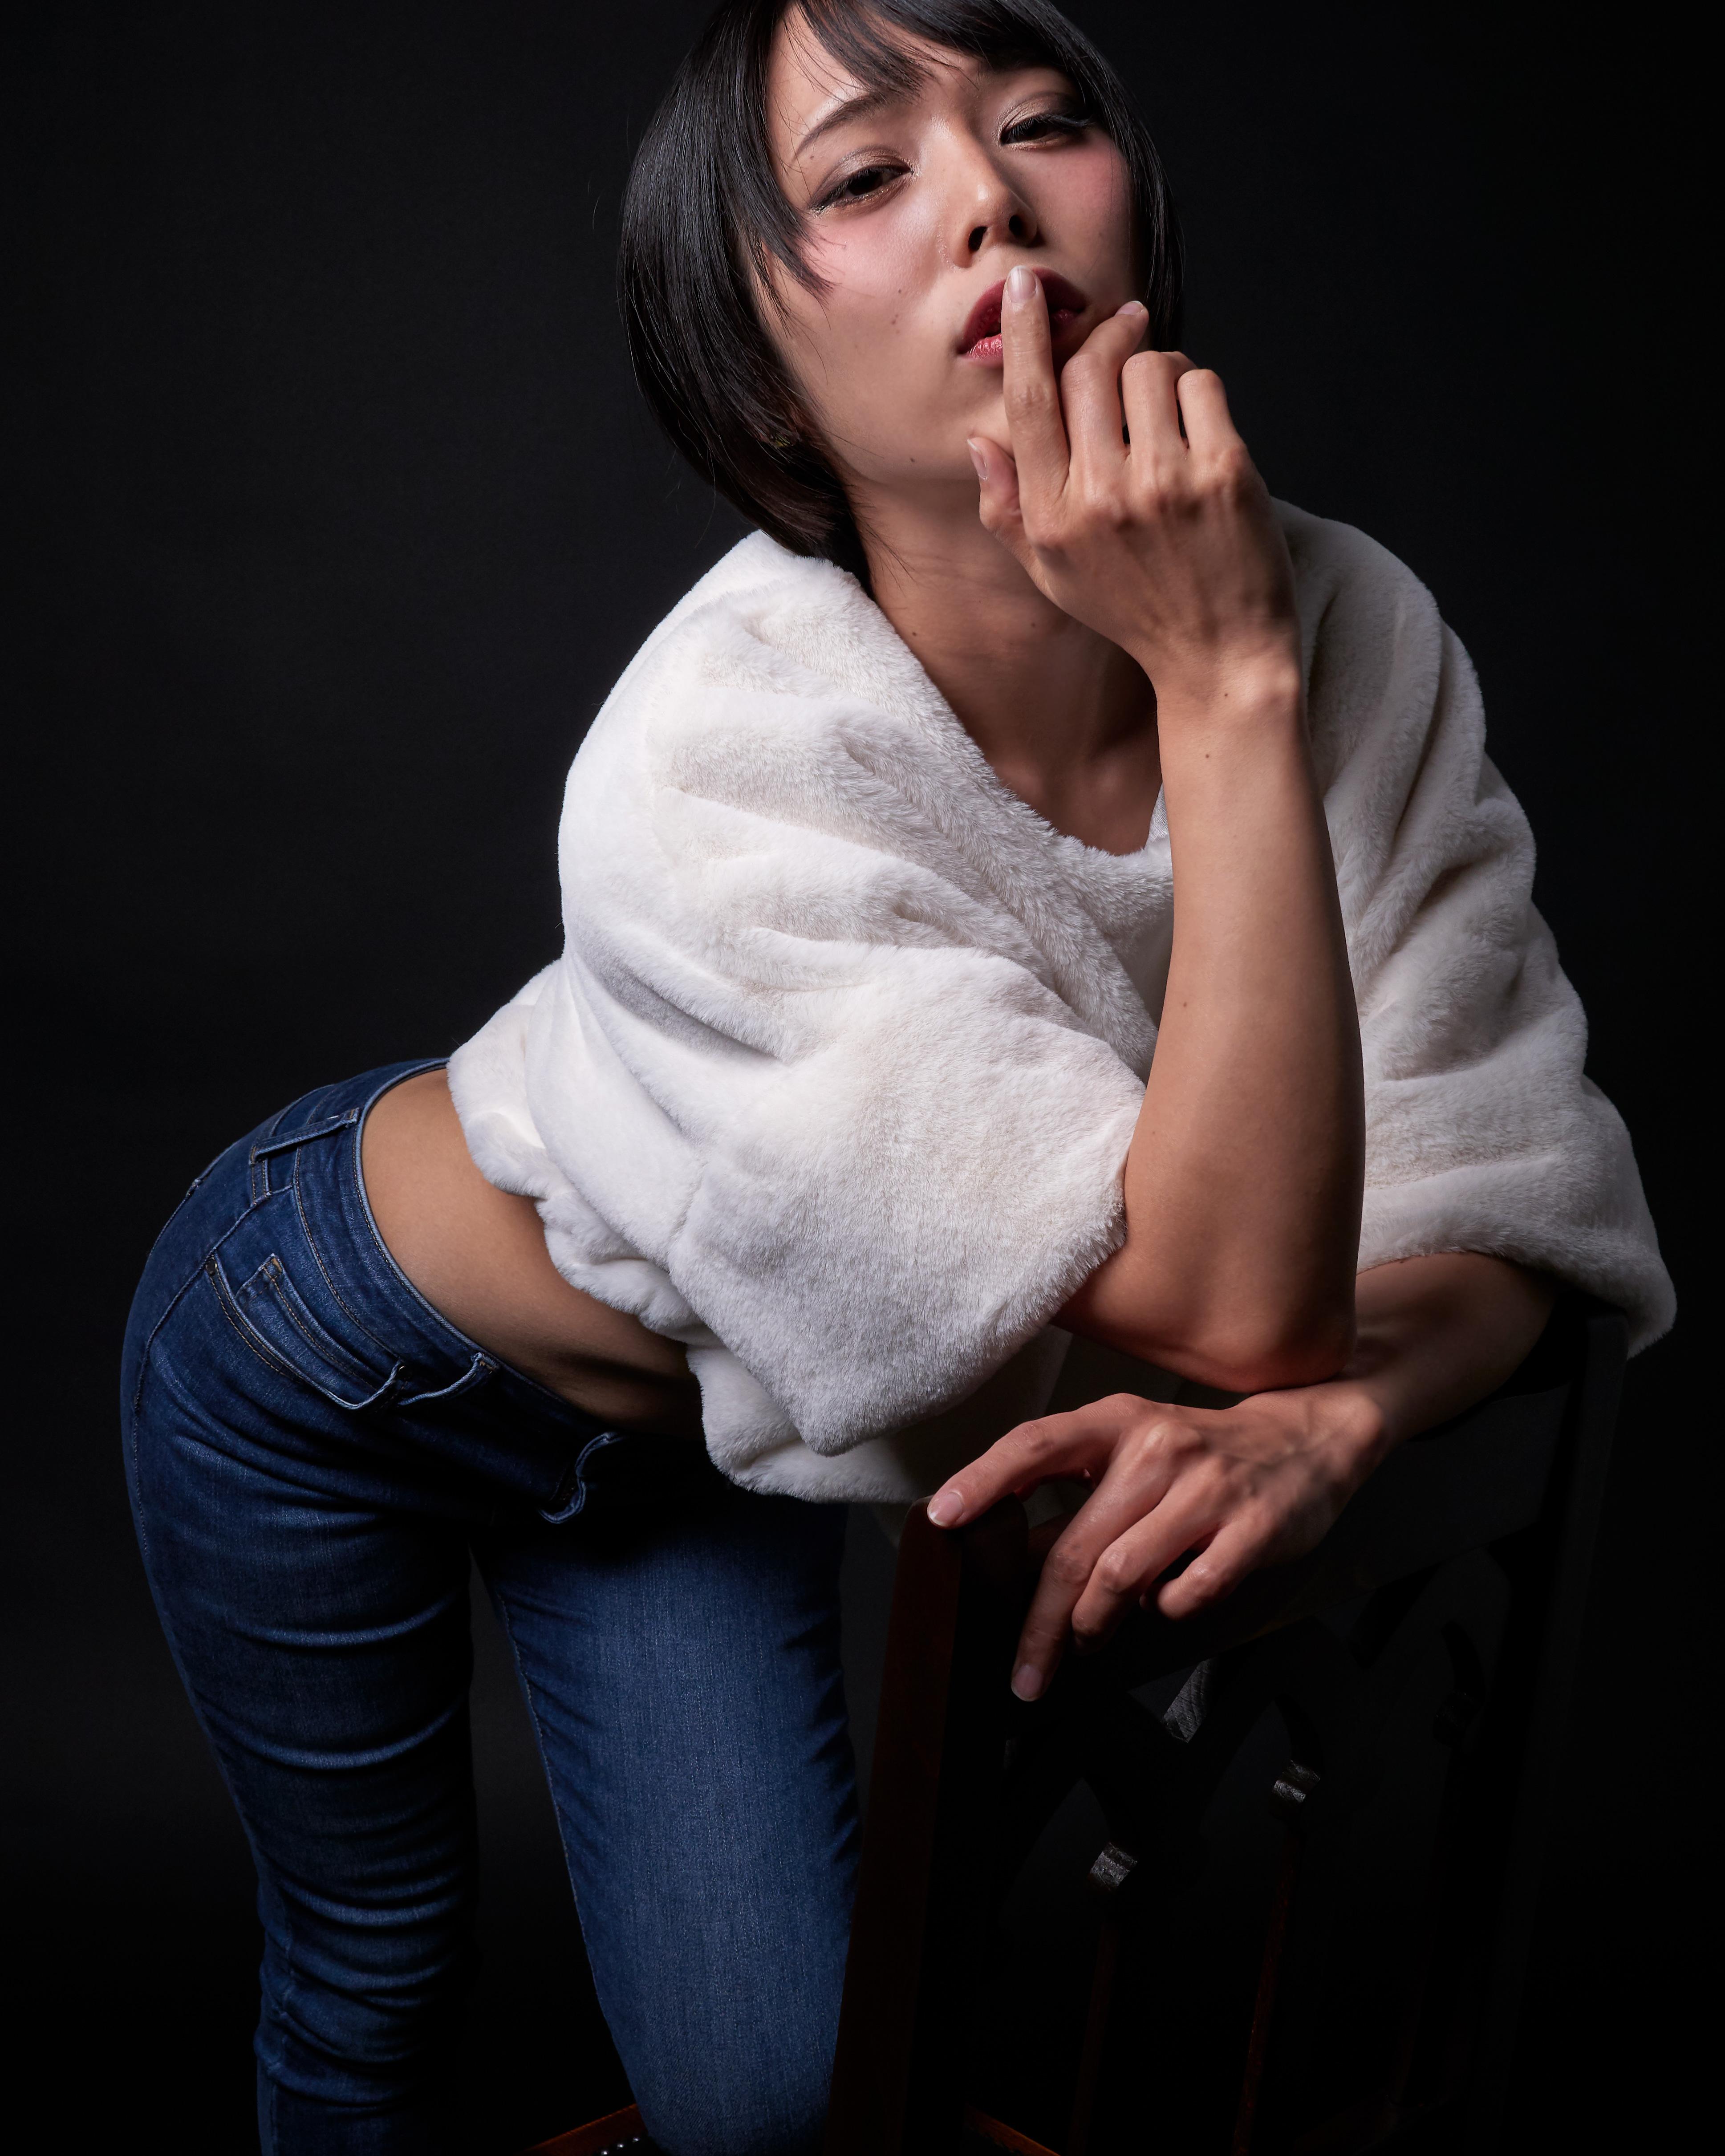 Model: miyu 02